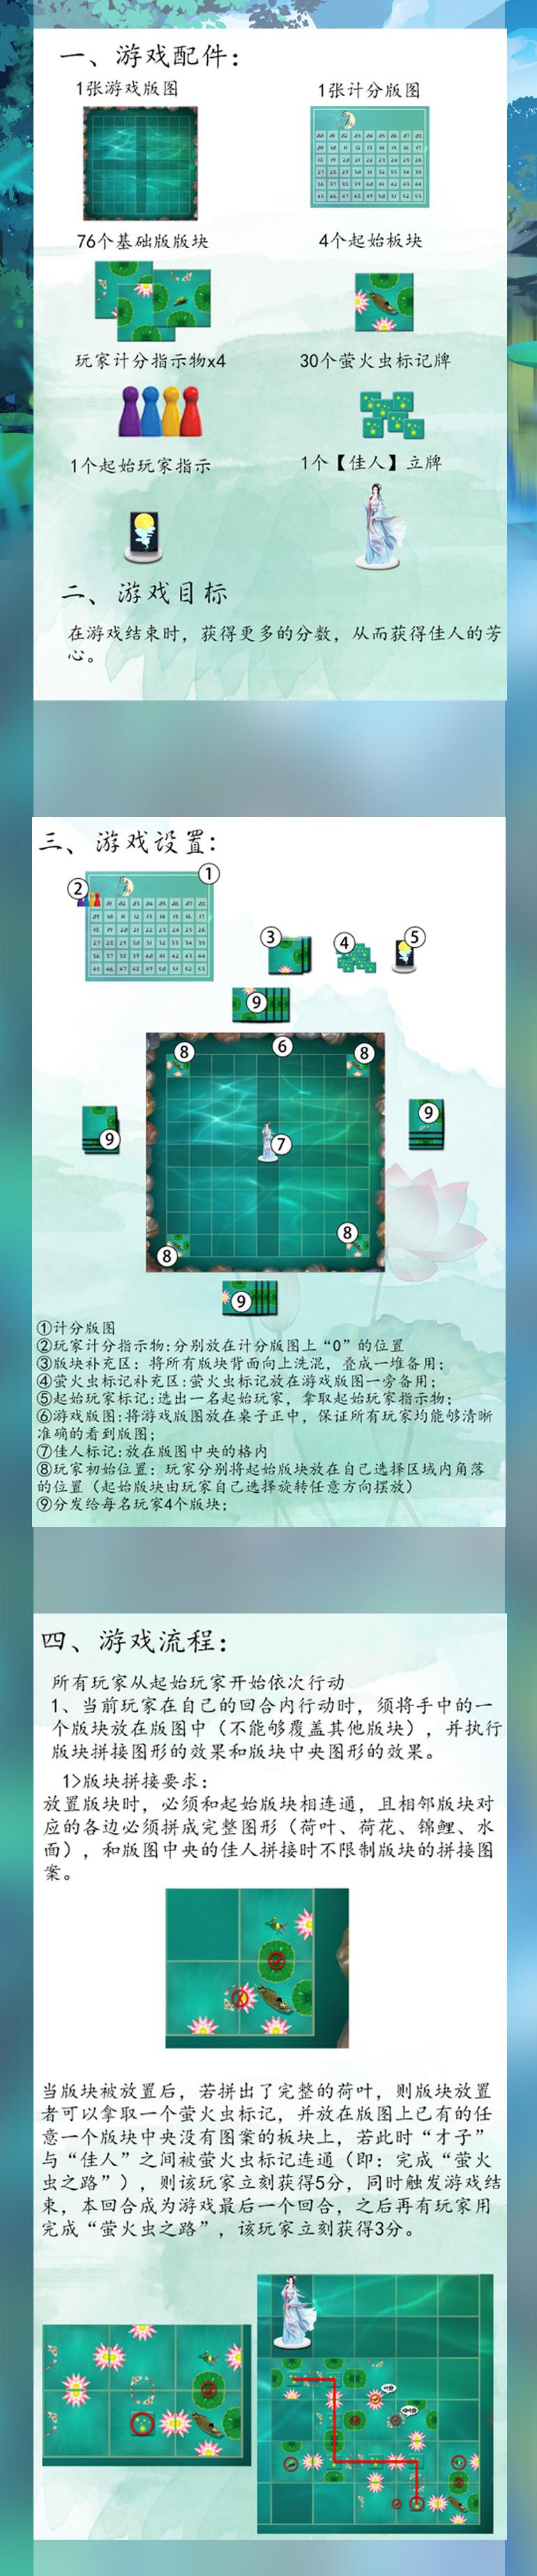 众筹详情页03.jpg